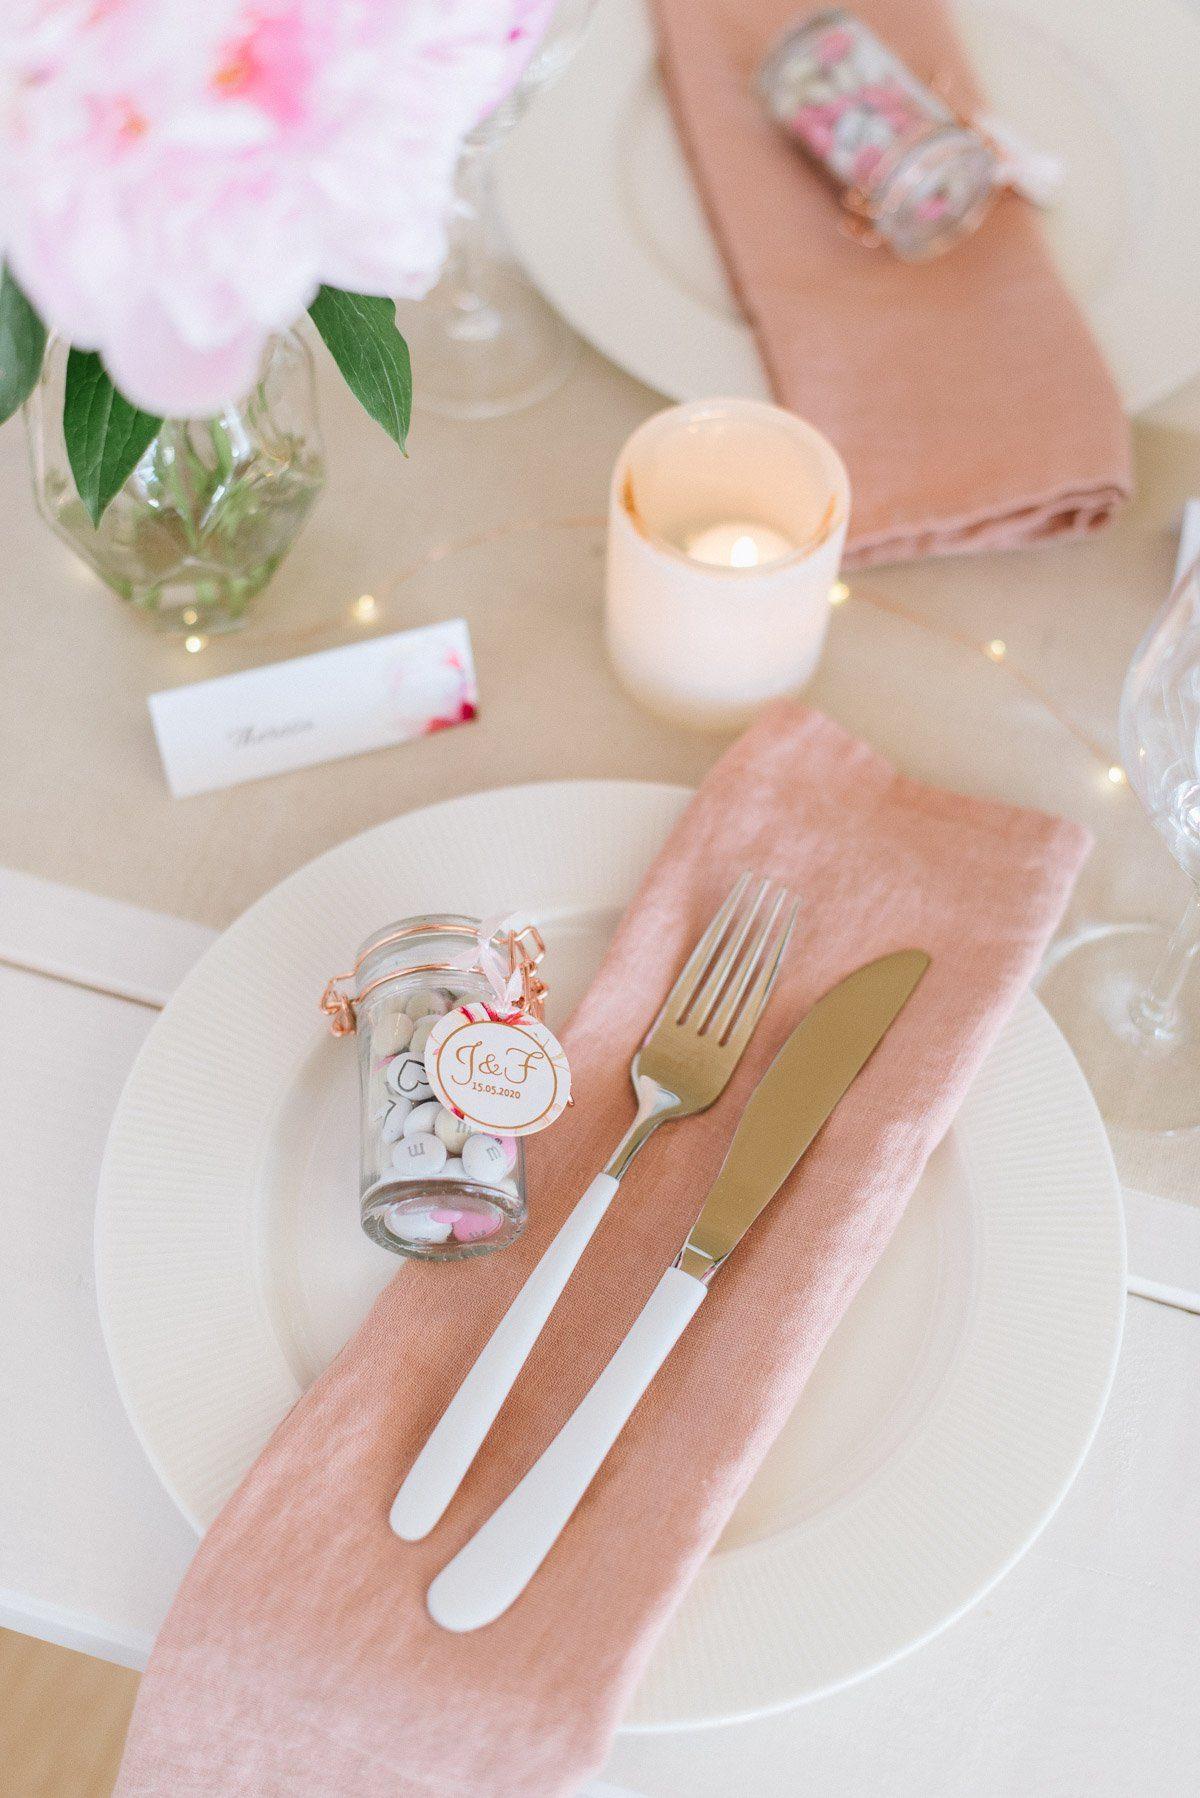 Gastgeschenk im Glas mit Roségoldem Verschluss